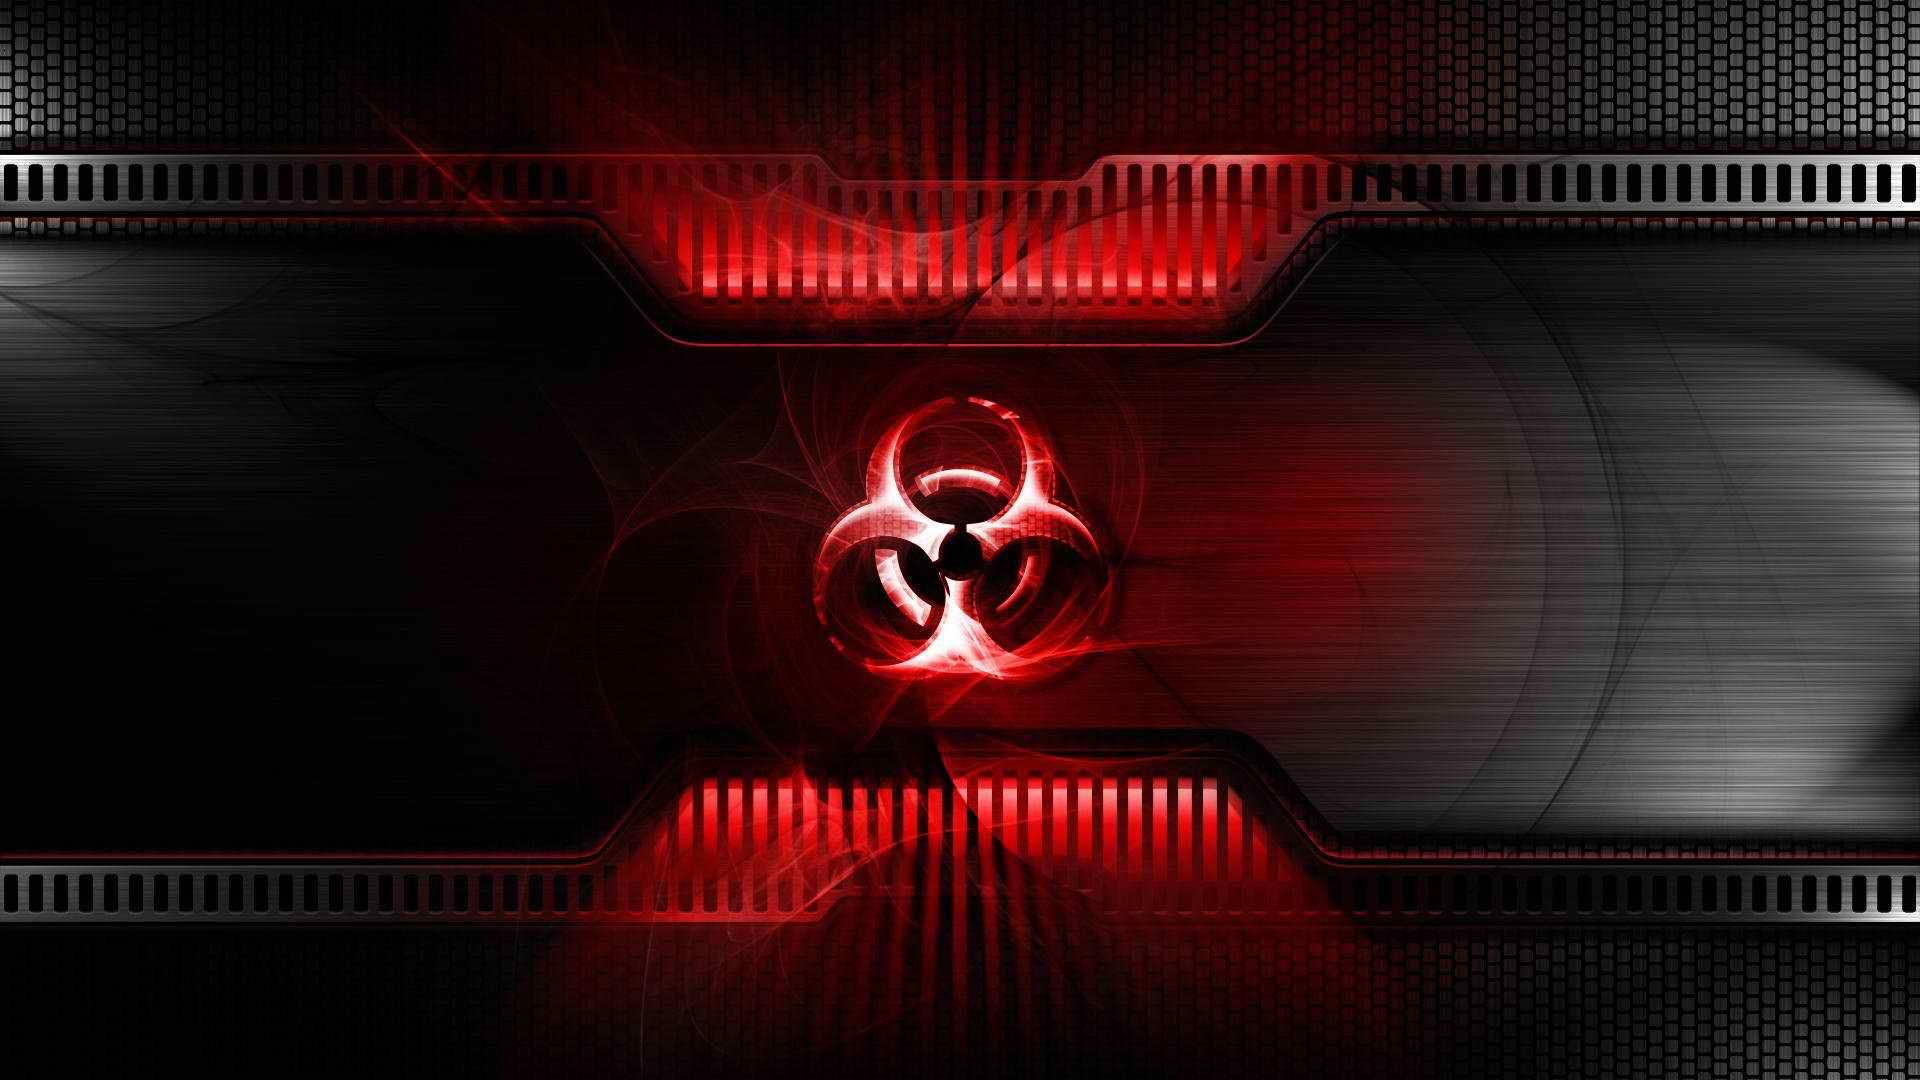 Neon Red Aesthetic Desktop Wallpaper